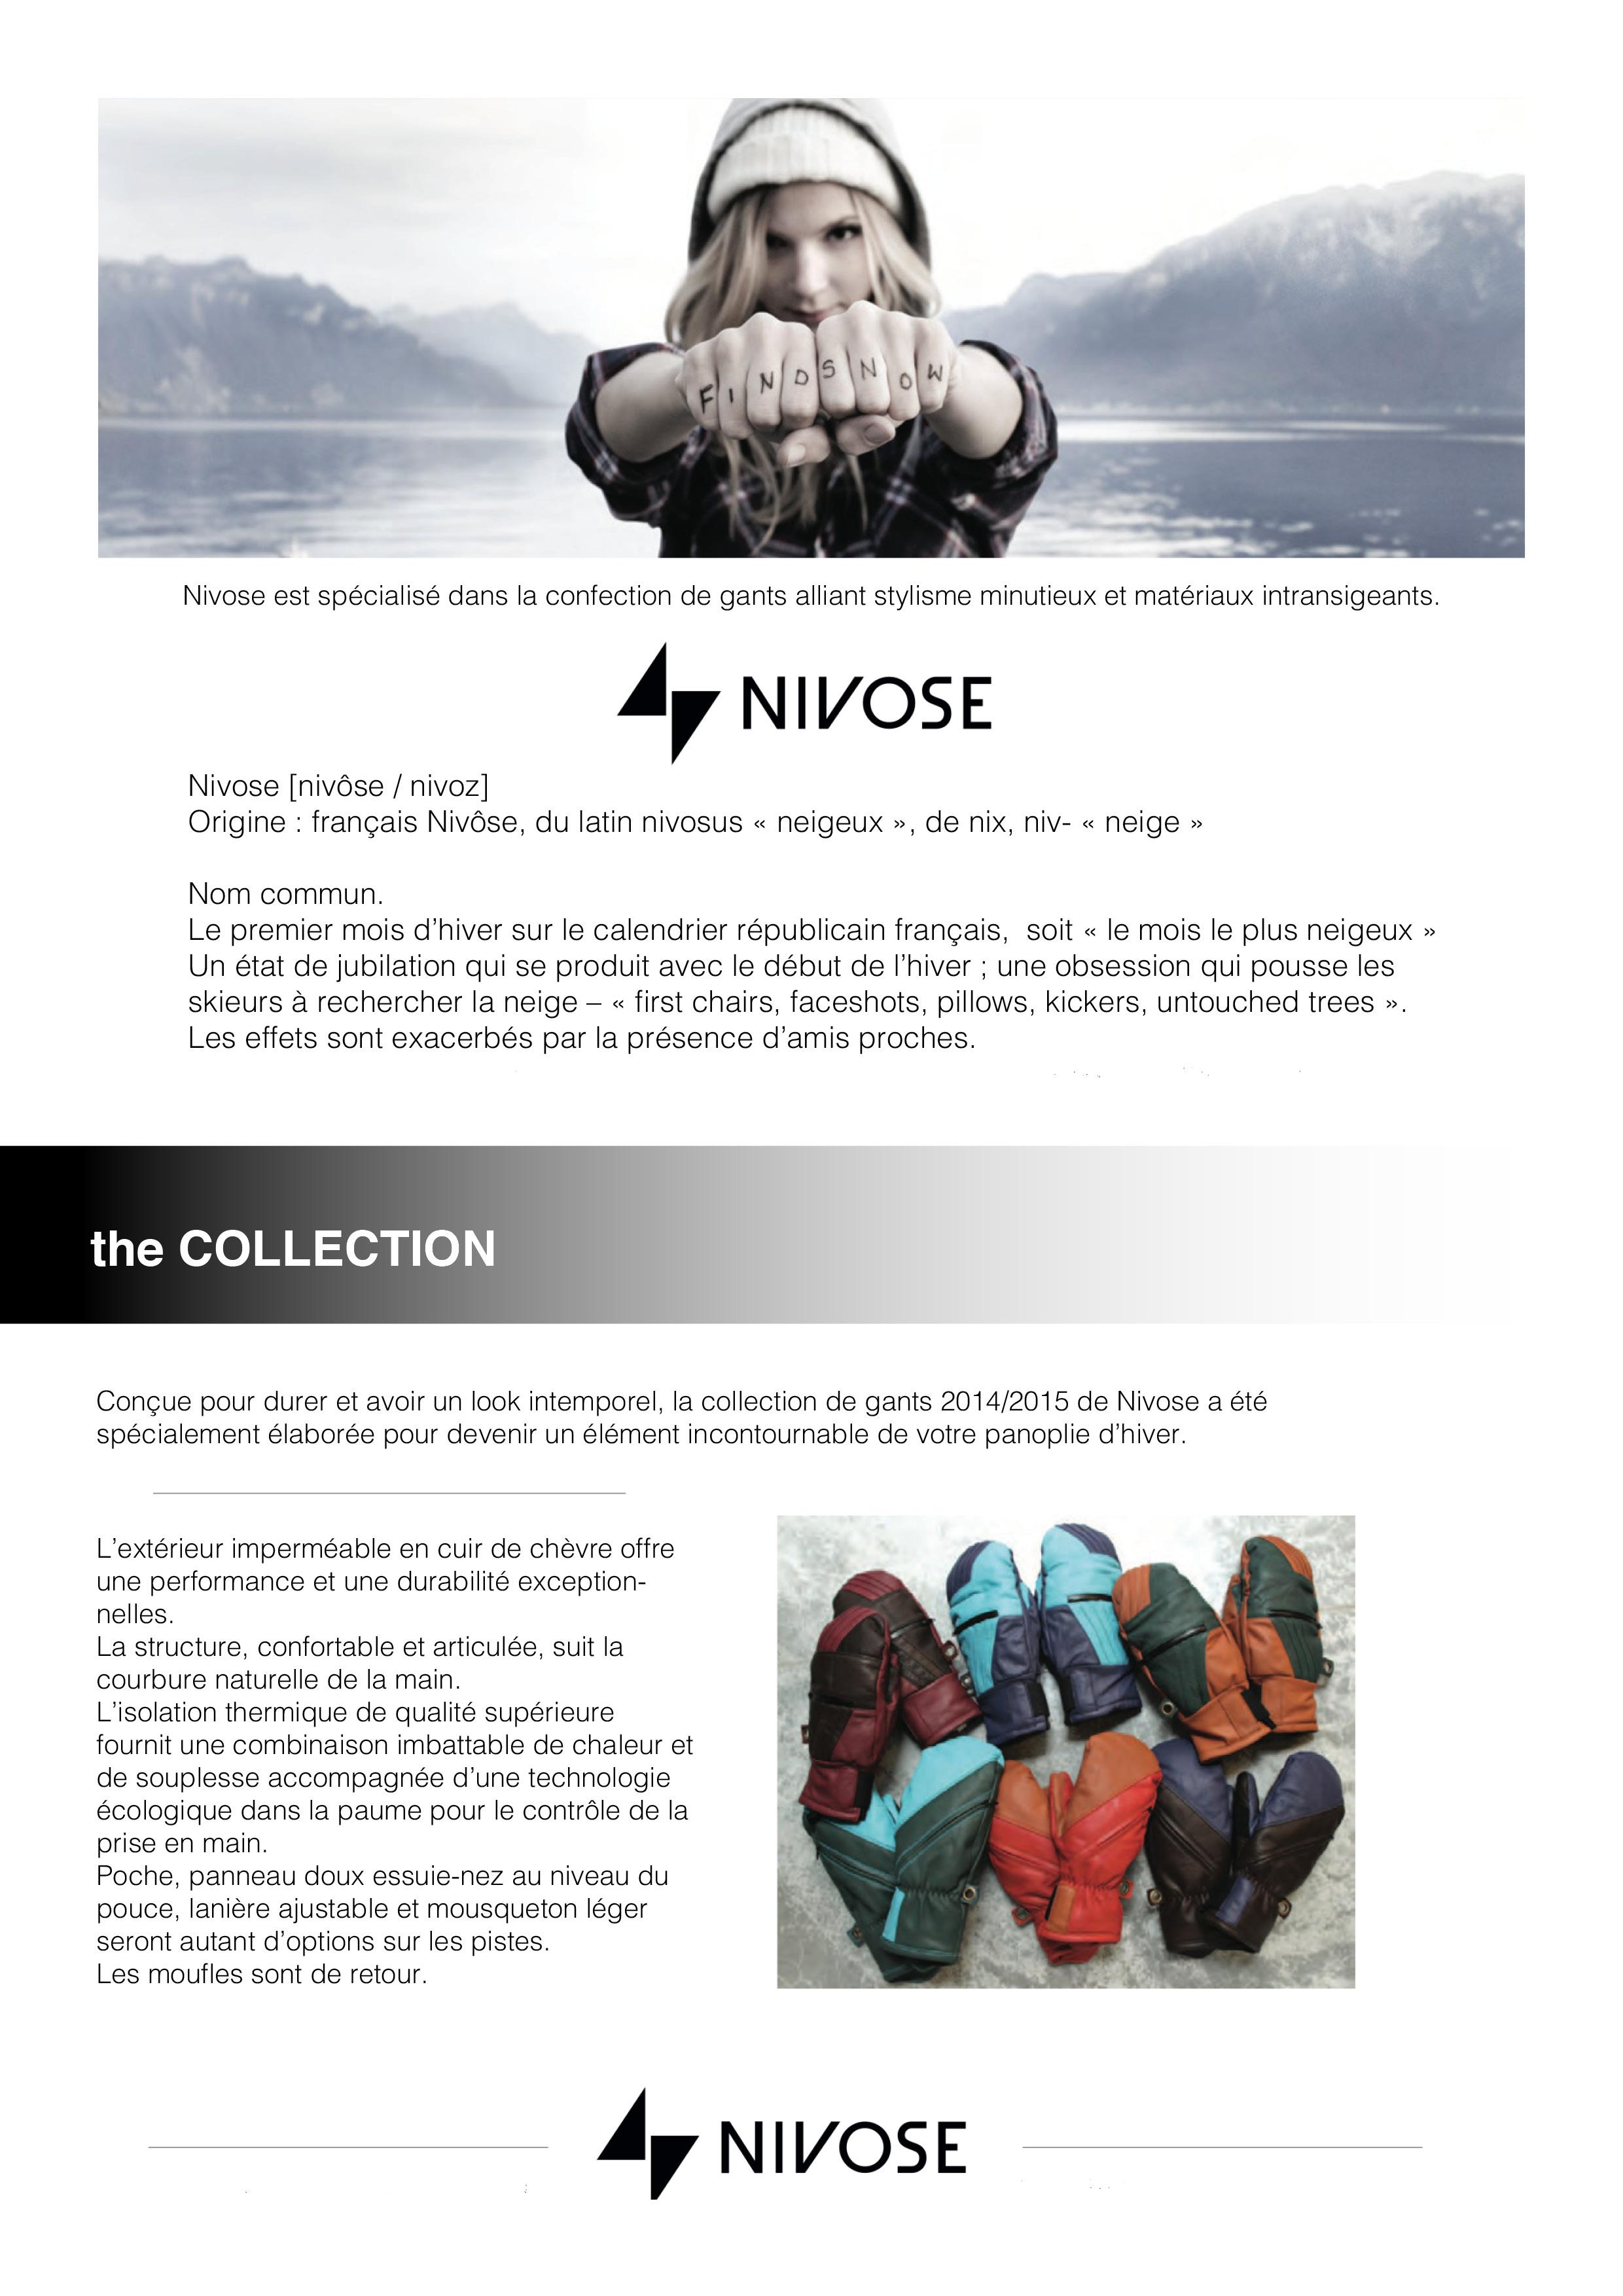 NivoseFR.01.jpg